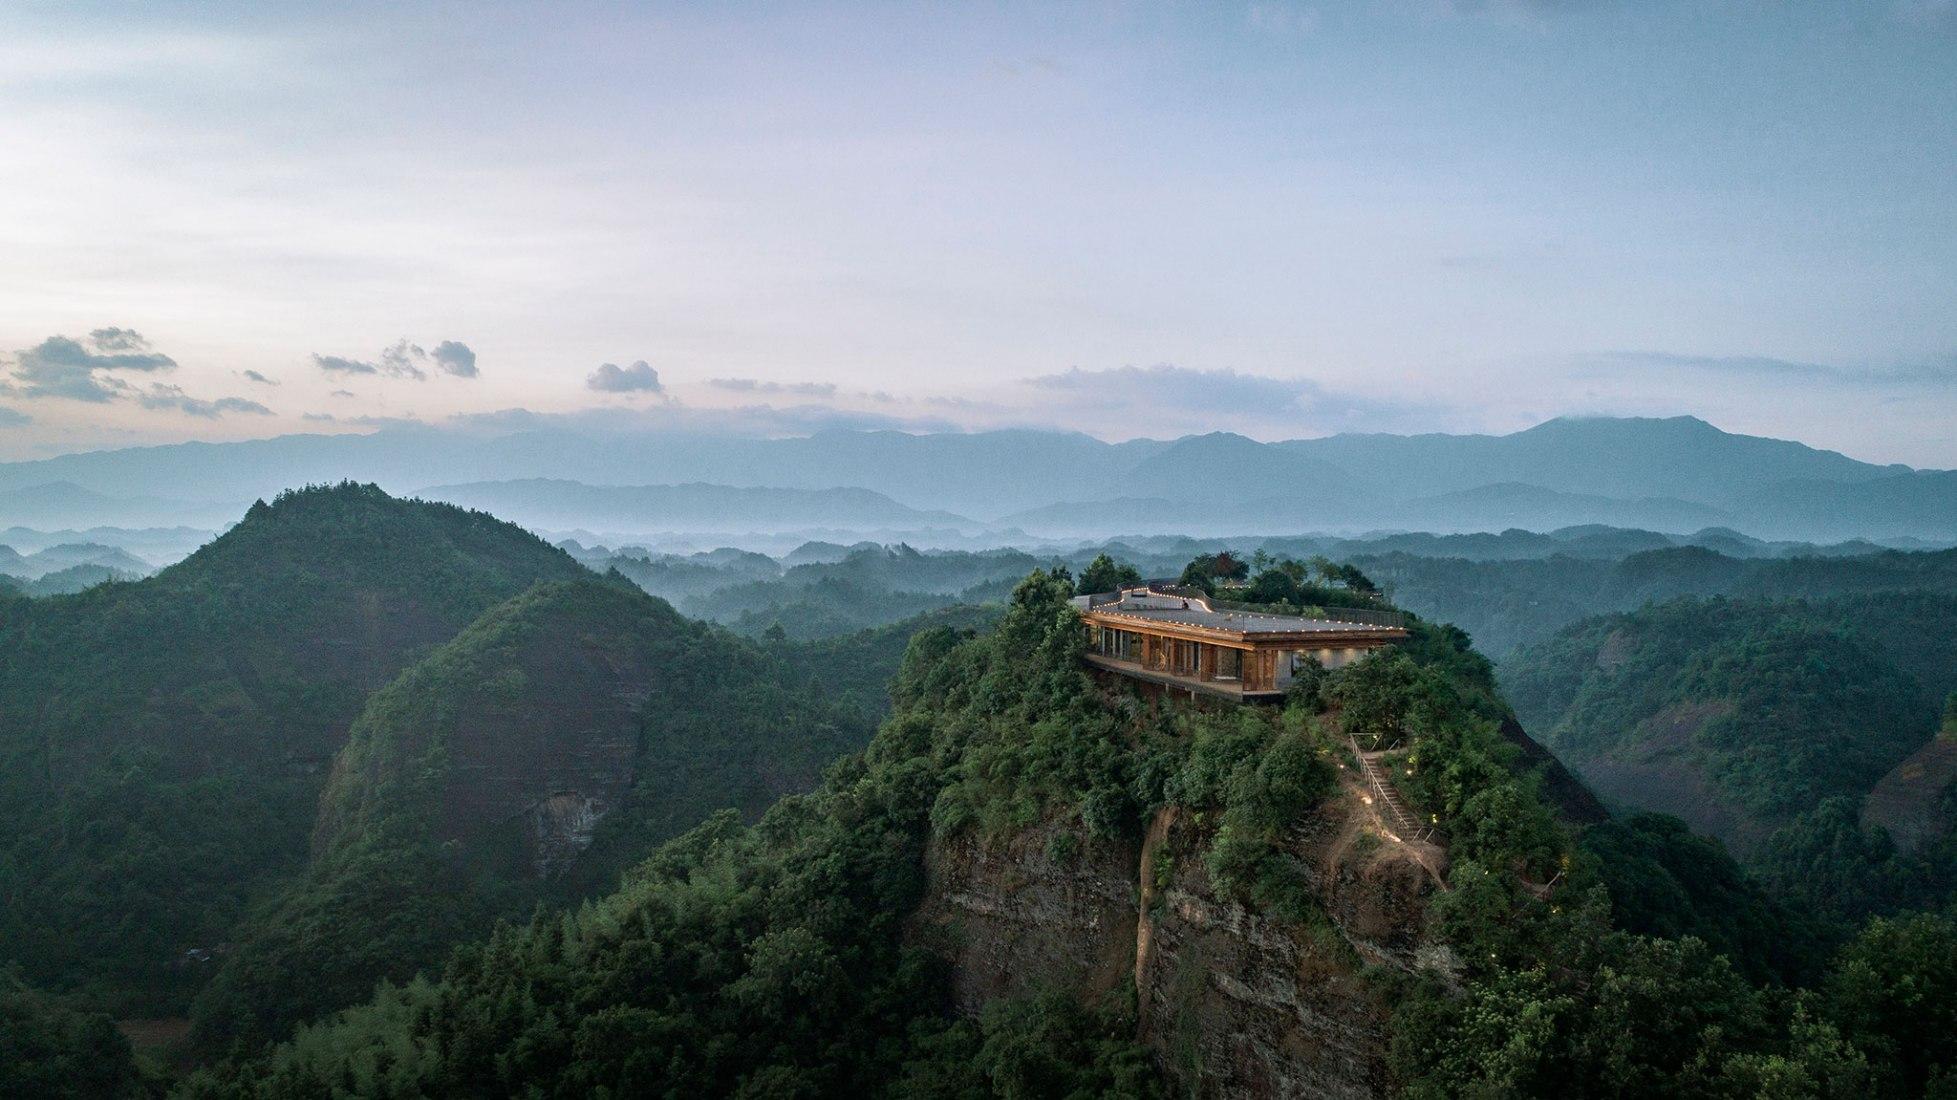 Eagle Rock Cliffs hotel por Duoxiangjie Architectural Design. Imagen cortesía de Duoxiangjie Architectural Design. Fotografía por Jin Weiqi.